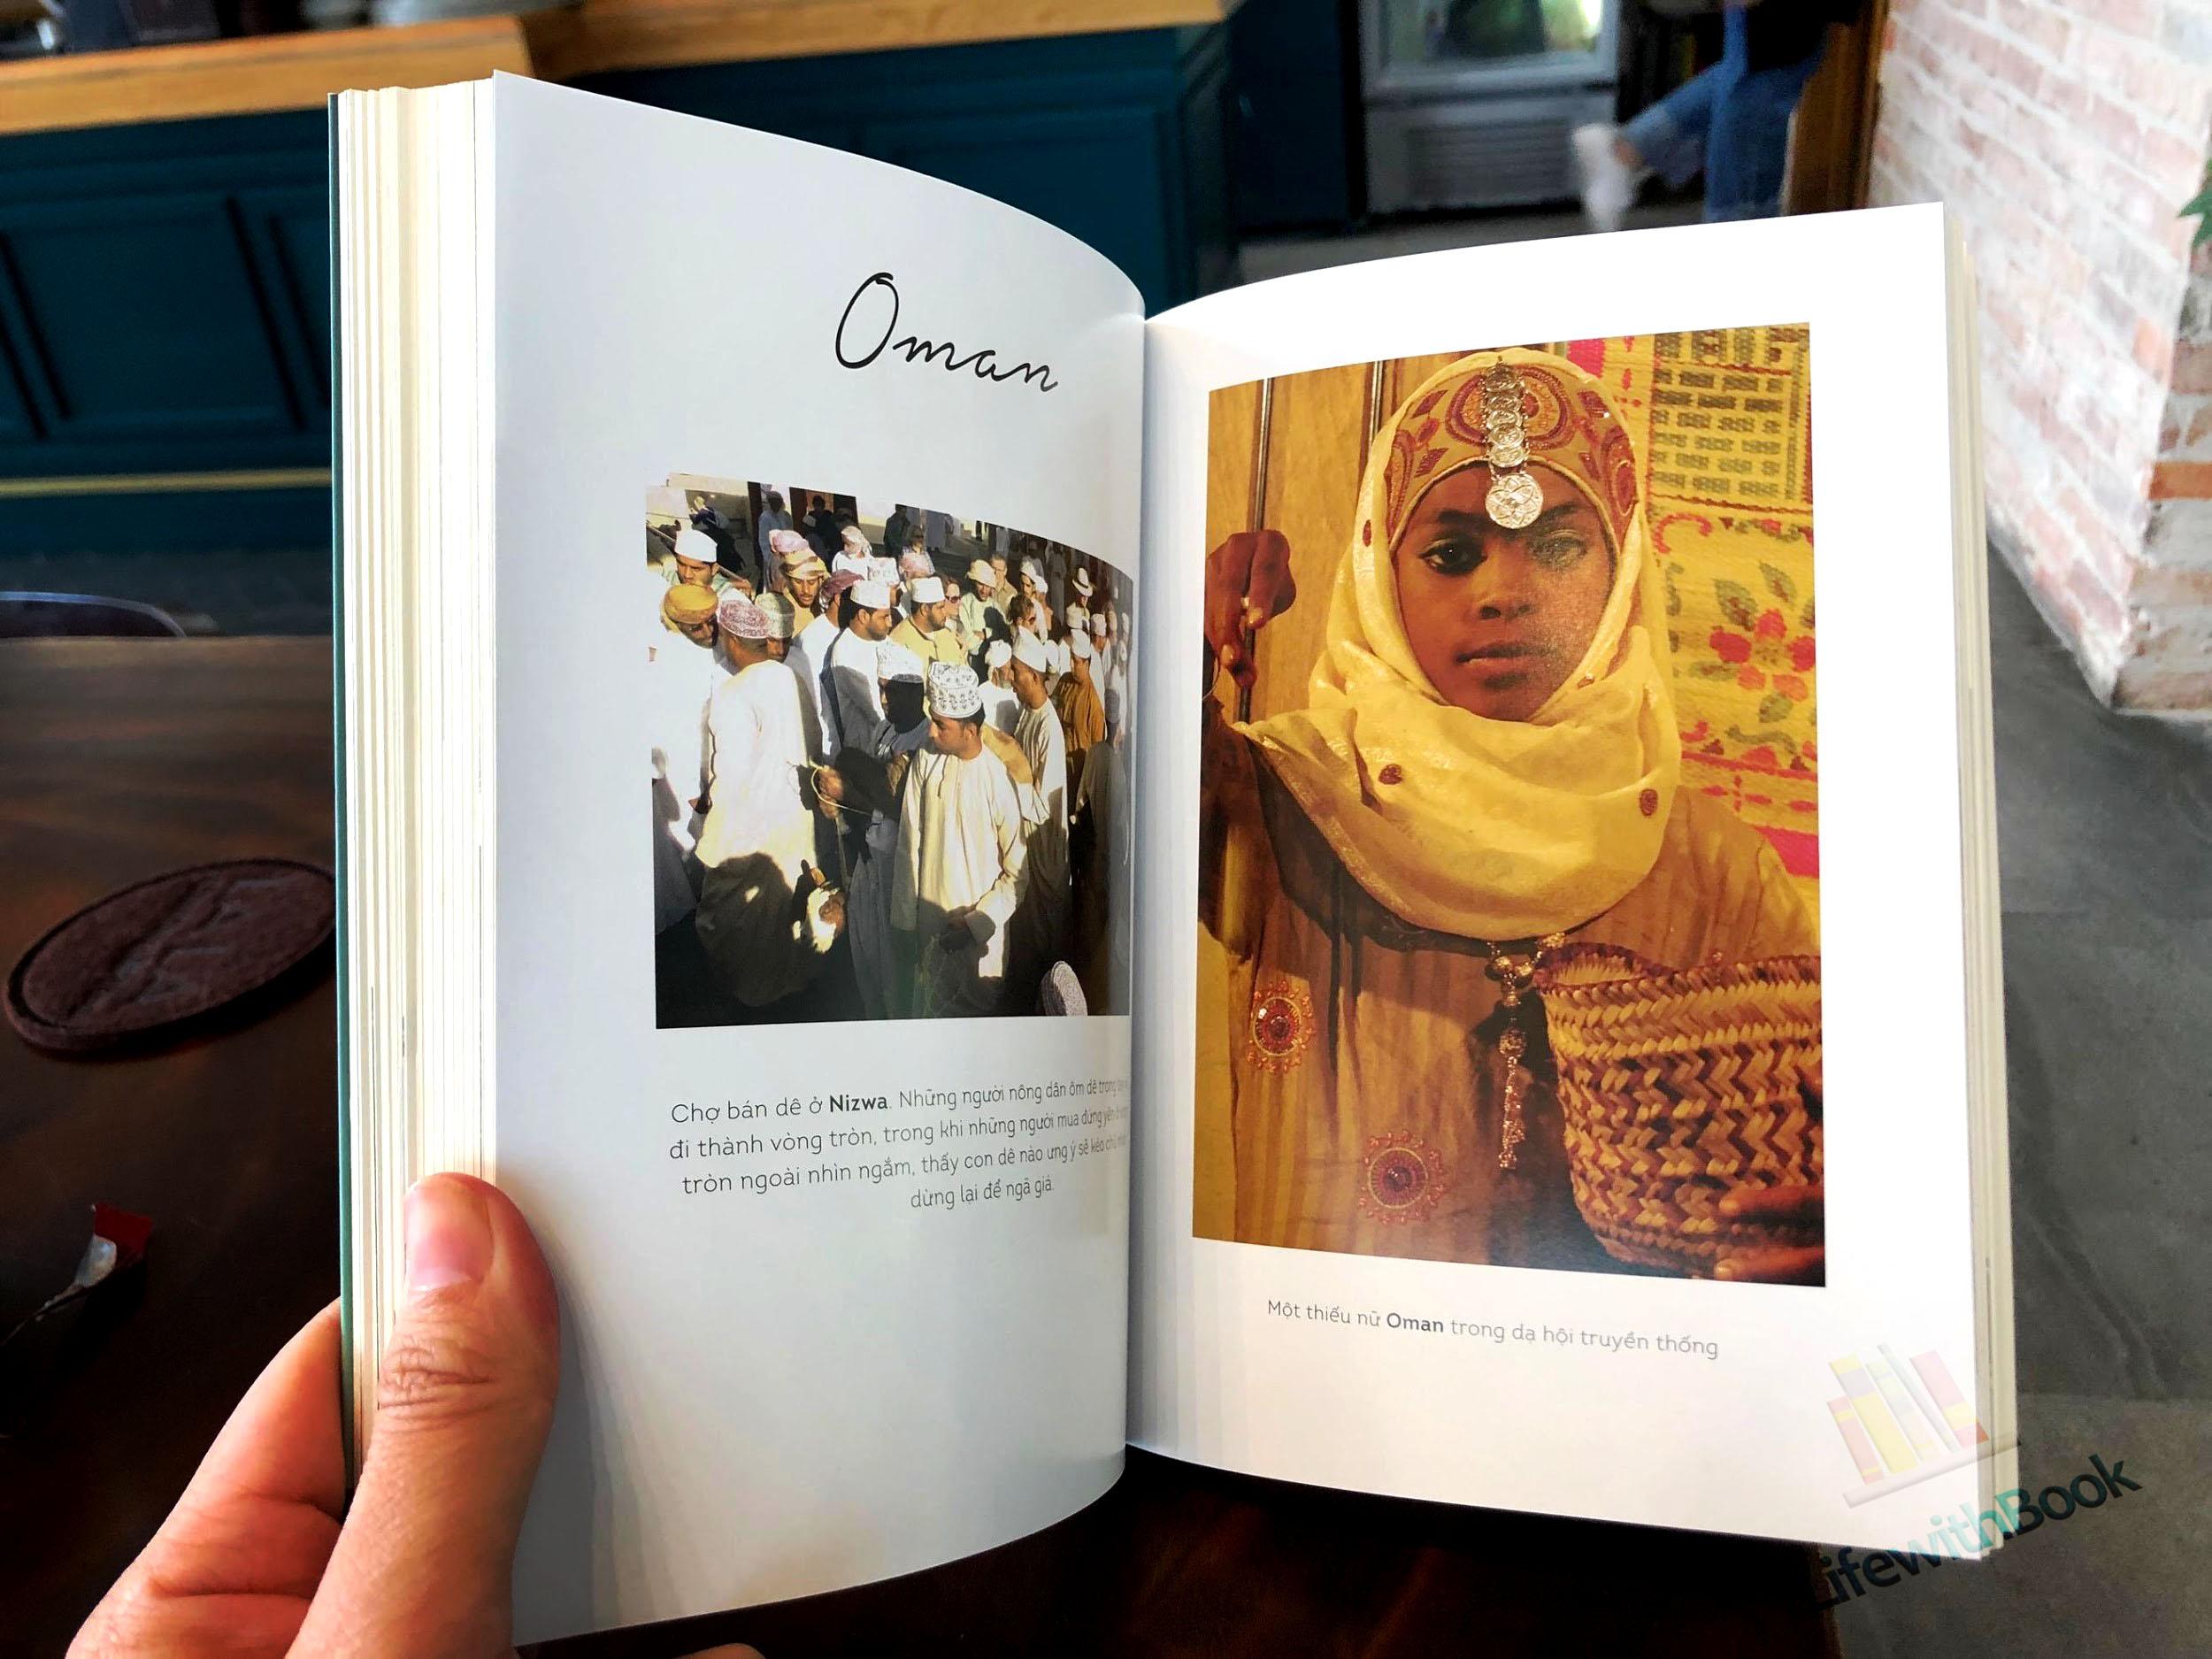 Oman - Truyện cổ tích không có hồi kết